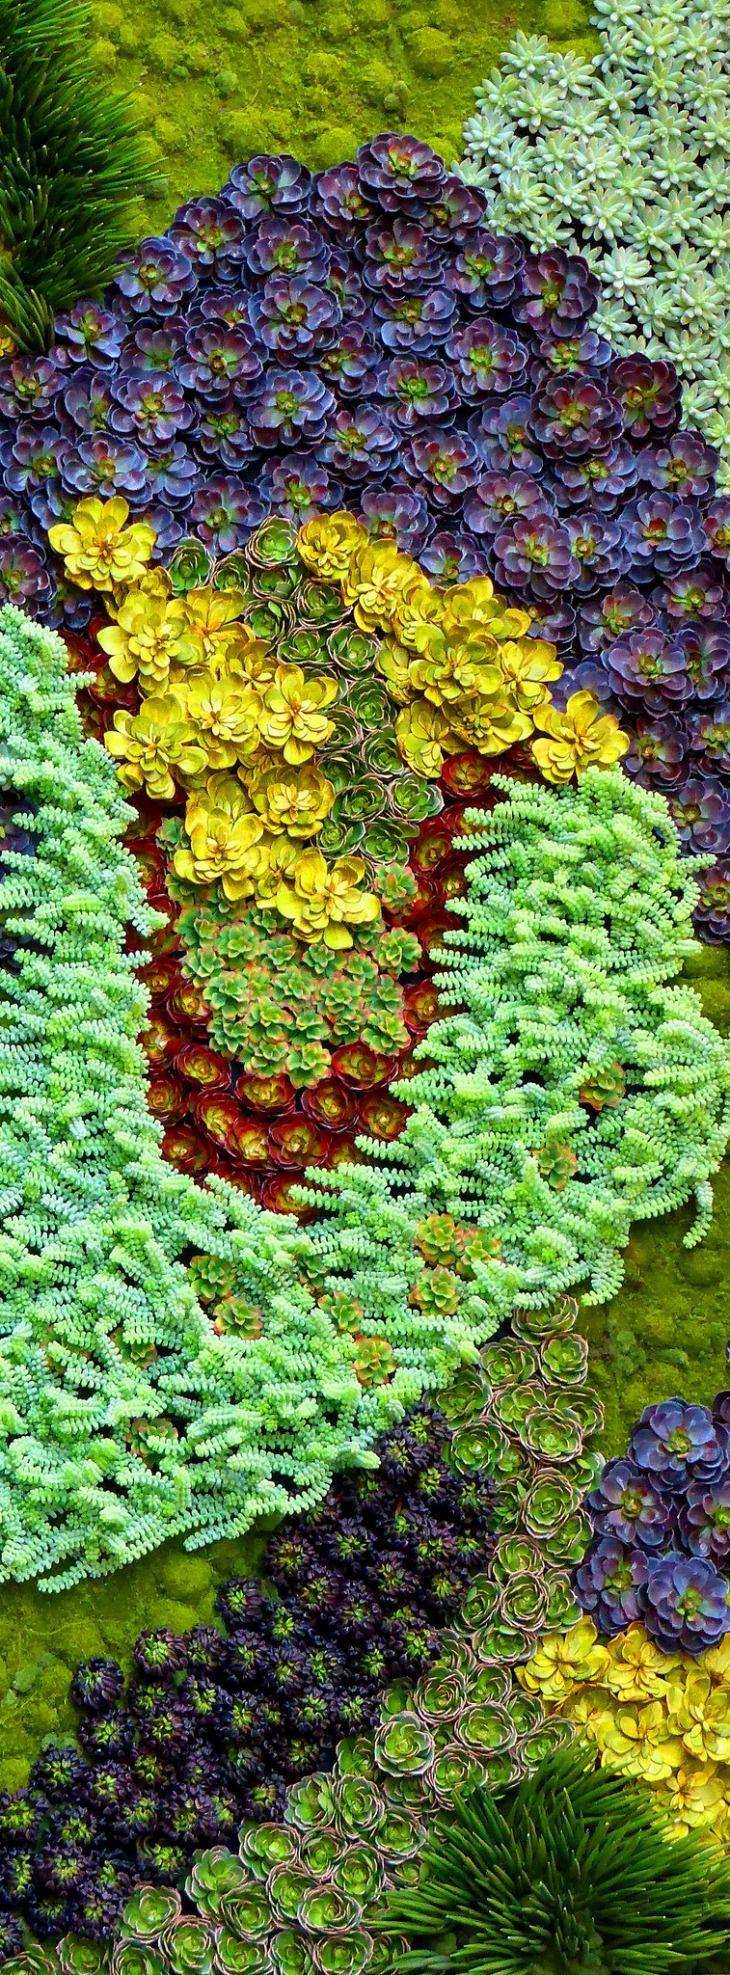 371 Best Images About Succulent Art On Pinterest